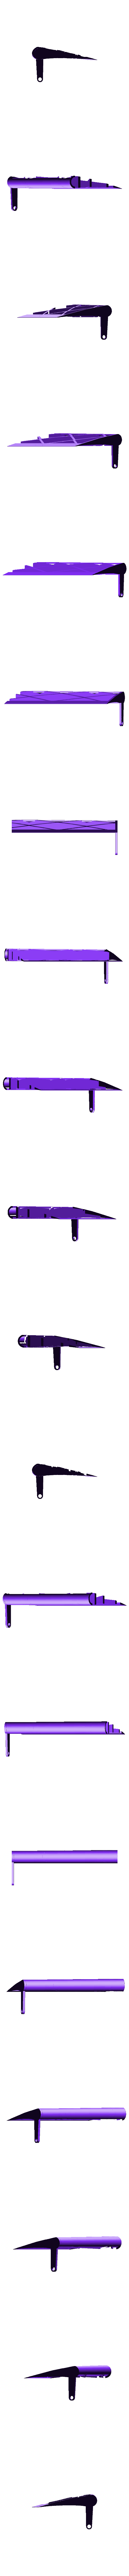 Flap_2R_Scaled.stl Télécharger fichier STL gratuit Module HF3D : Plan imprimé 3D • Modèle pour imprimante 3D, FurEter